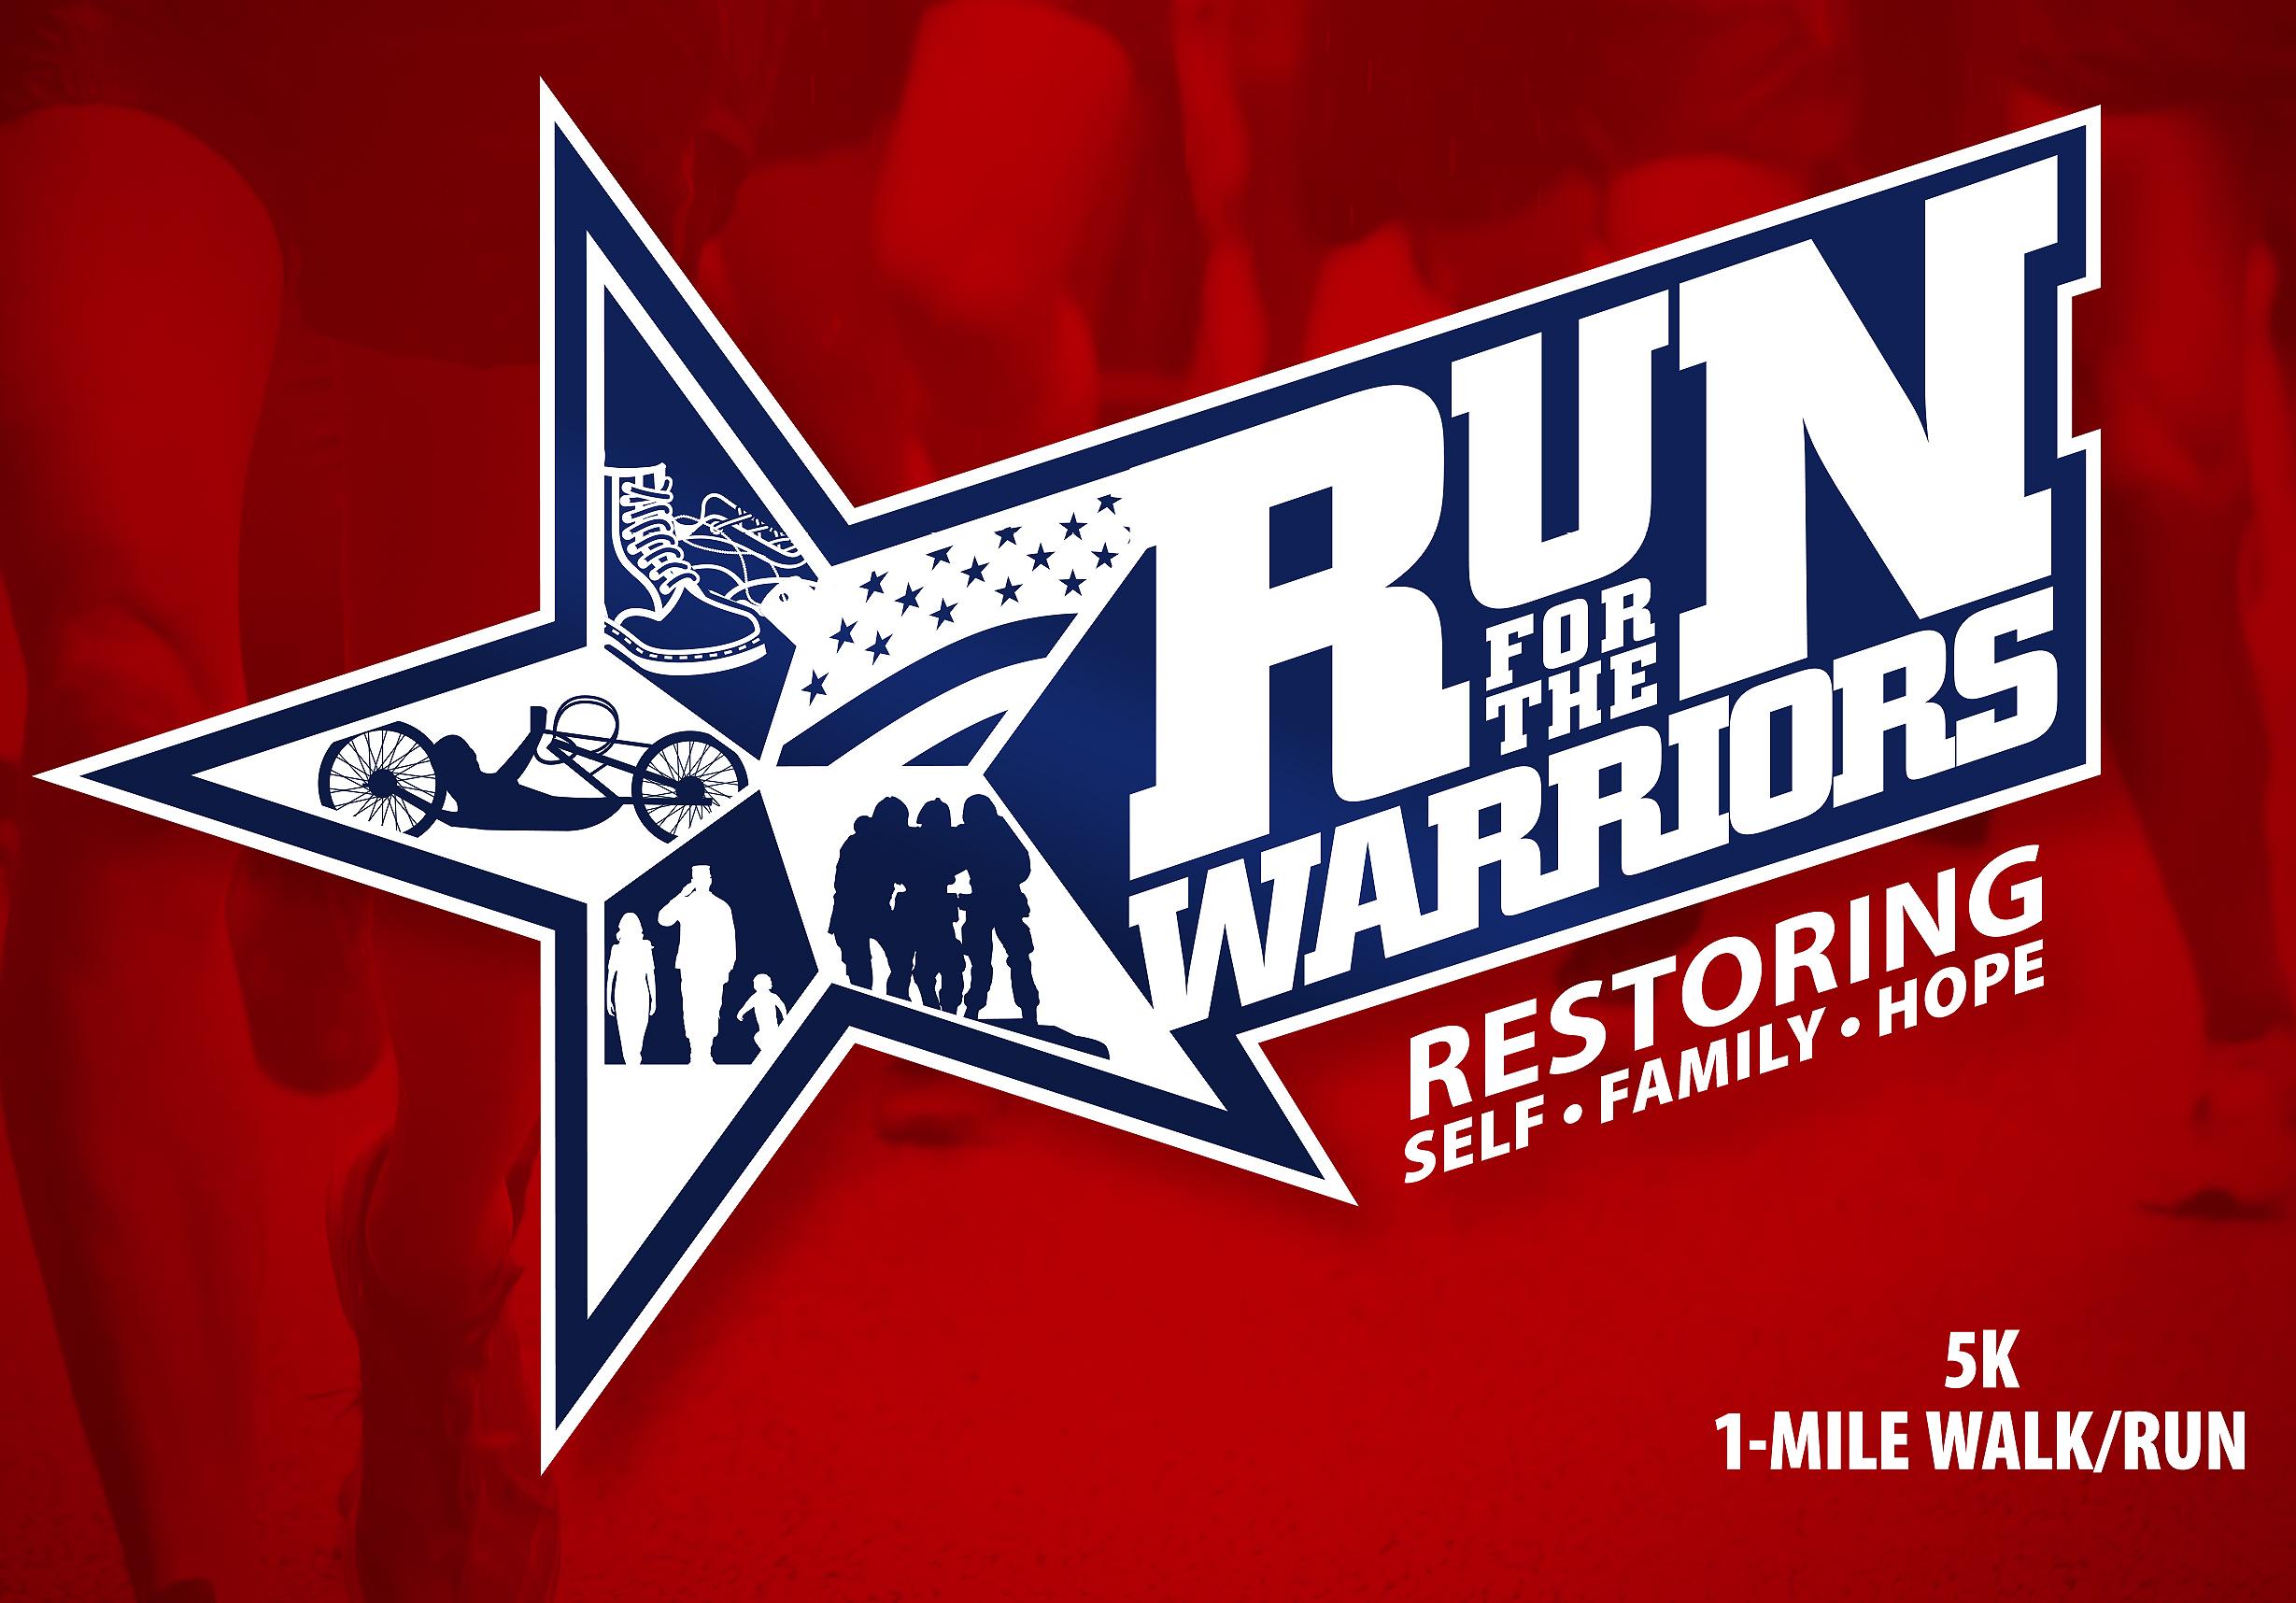 Stony Brook University Run for the Warriors